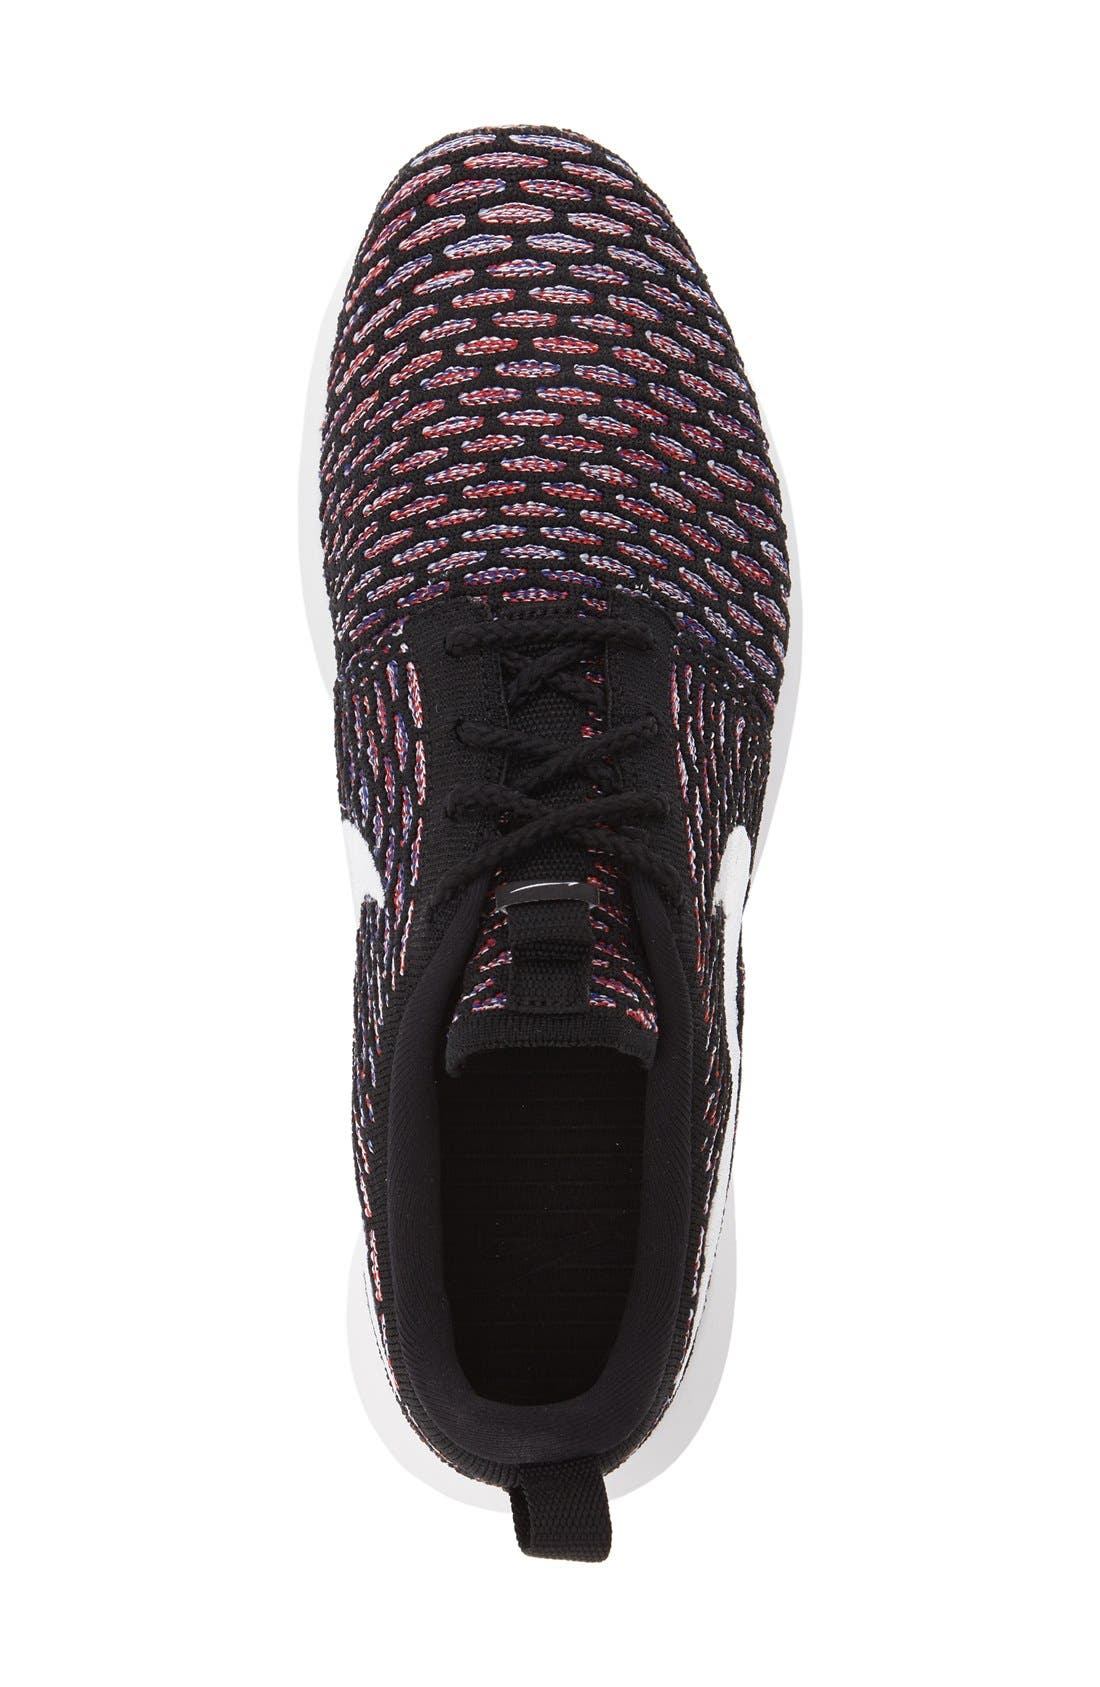 Alternate Image 3  - Nike Flyknit 'Roshe Run' Sneaker (Men)